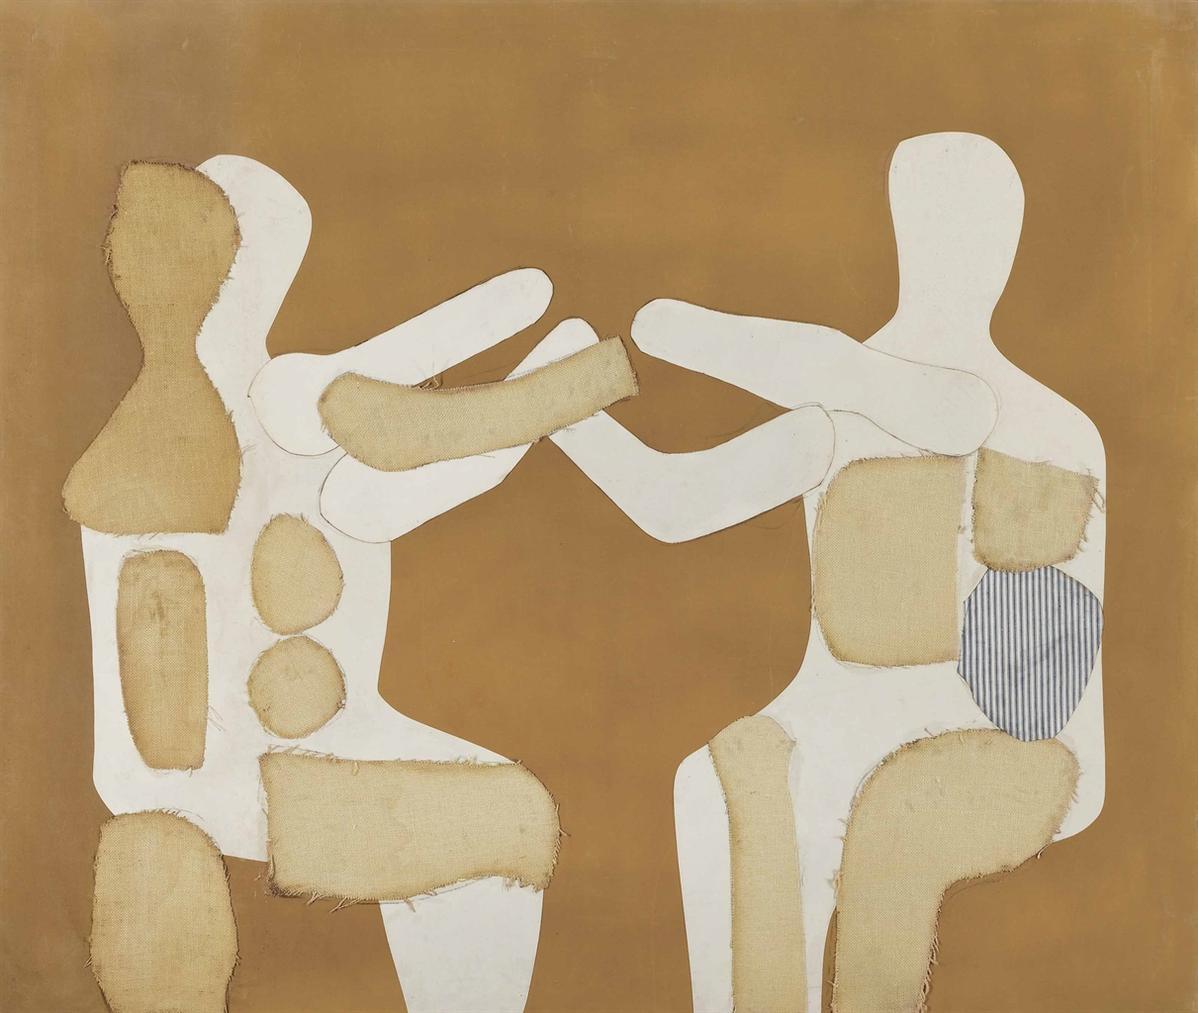 Conrad Marca-Relli-Untitled #4-1970